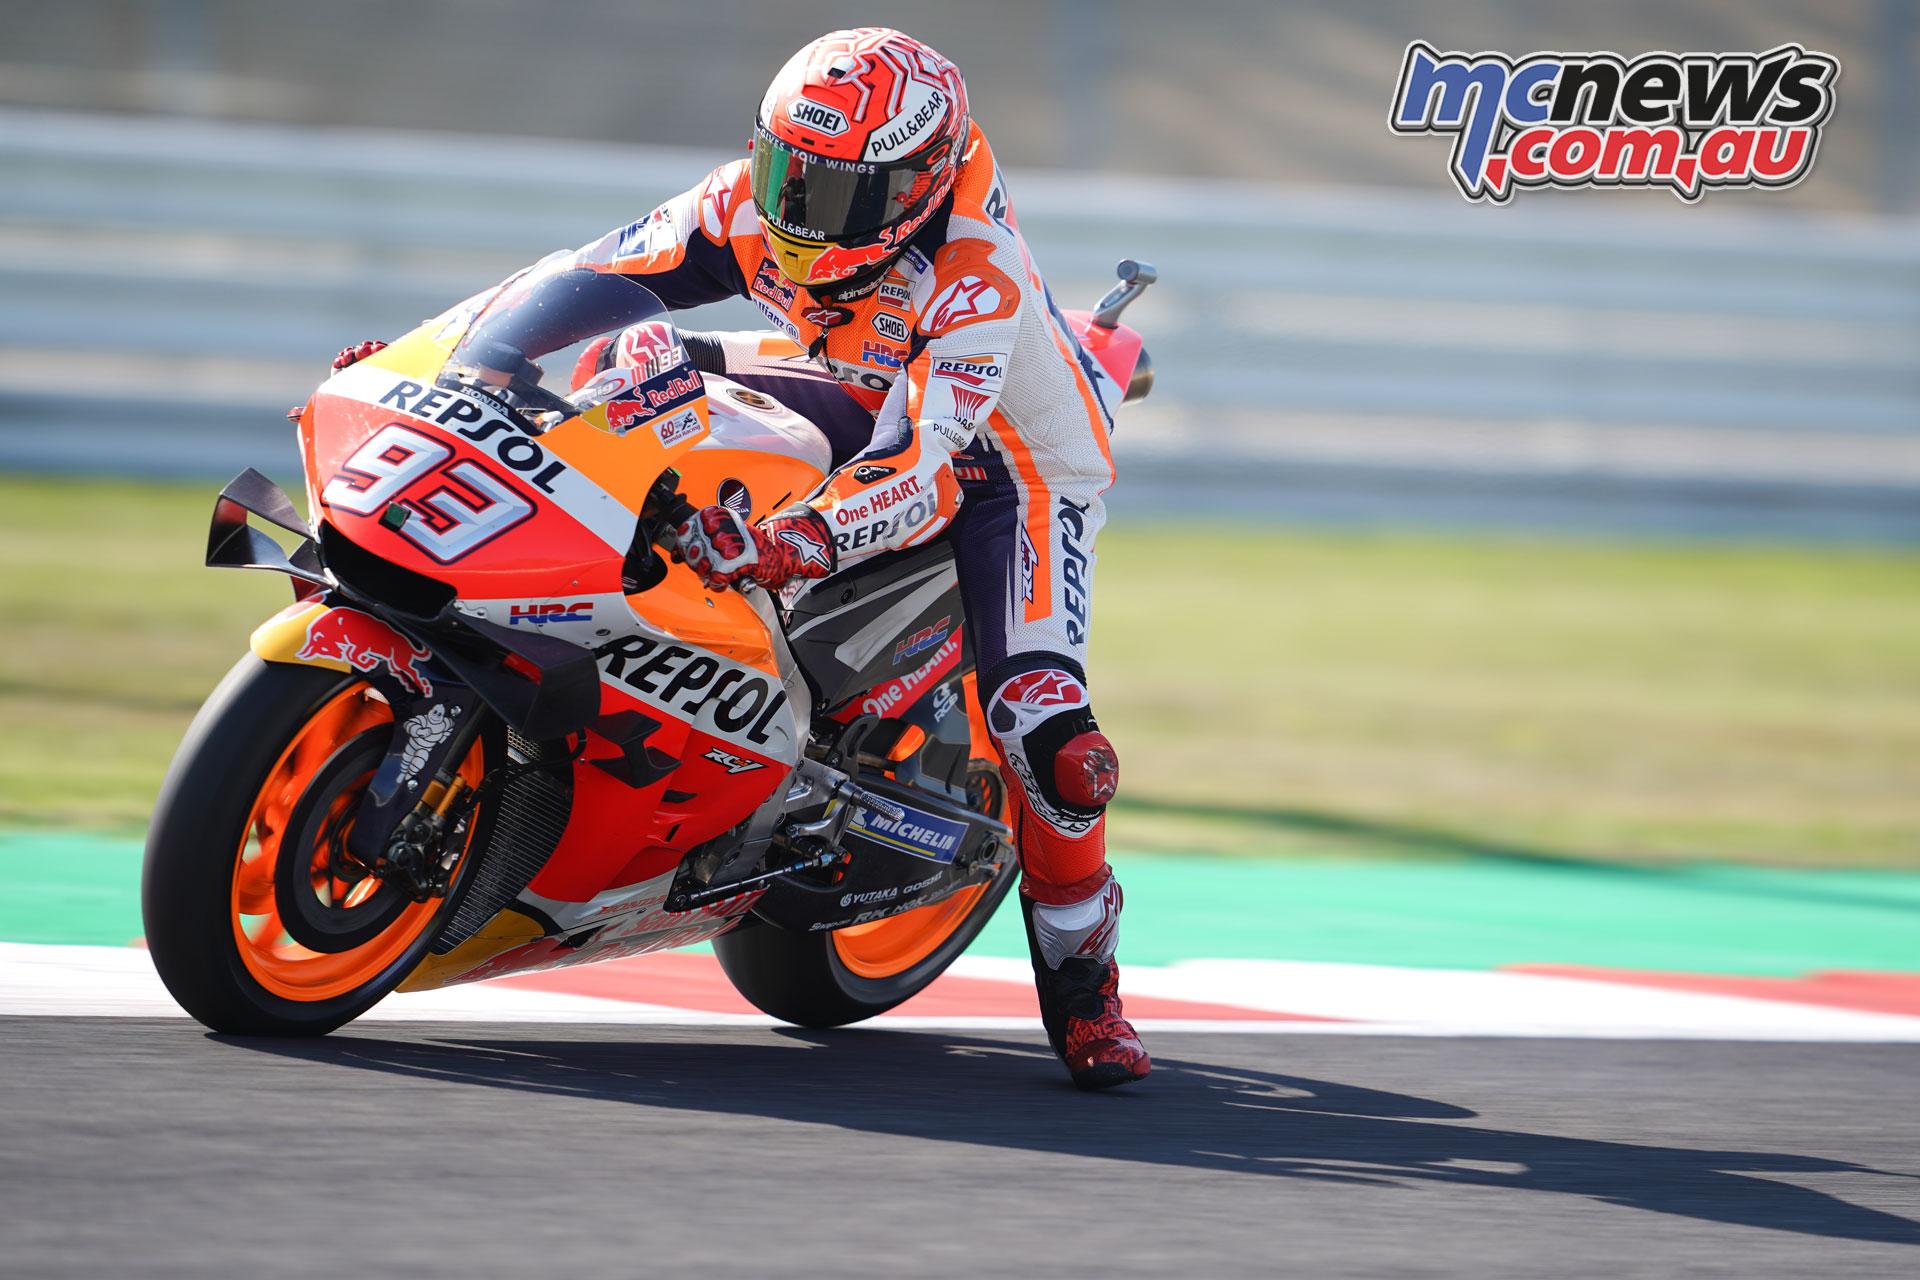 MotoGP Rnd Misano Fri marquez